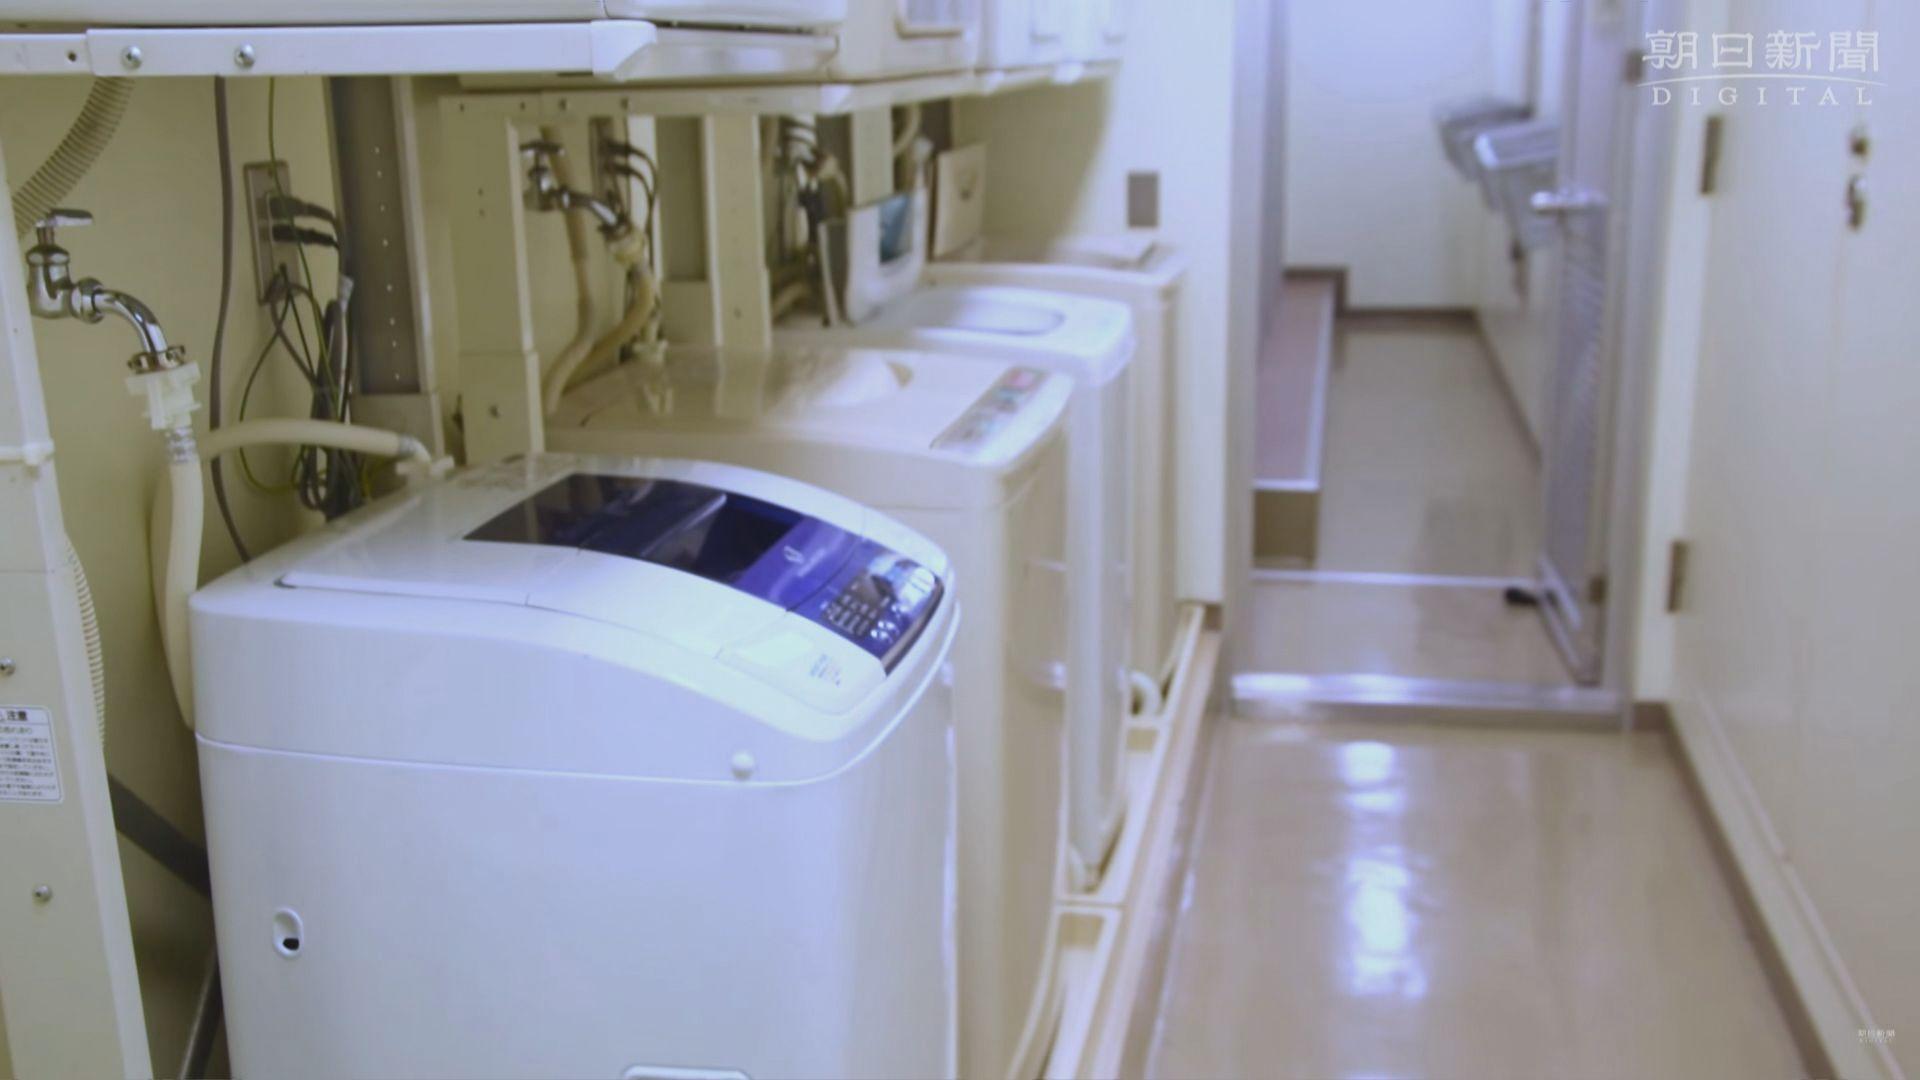 東日本入管中心淋浴設施設監視器